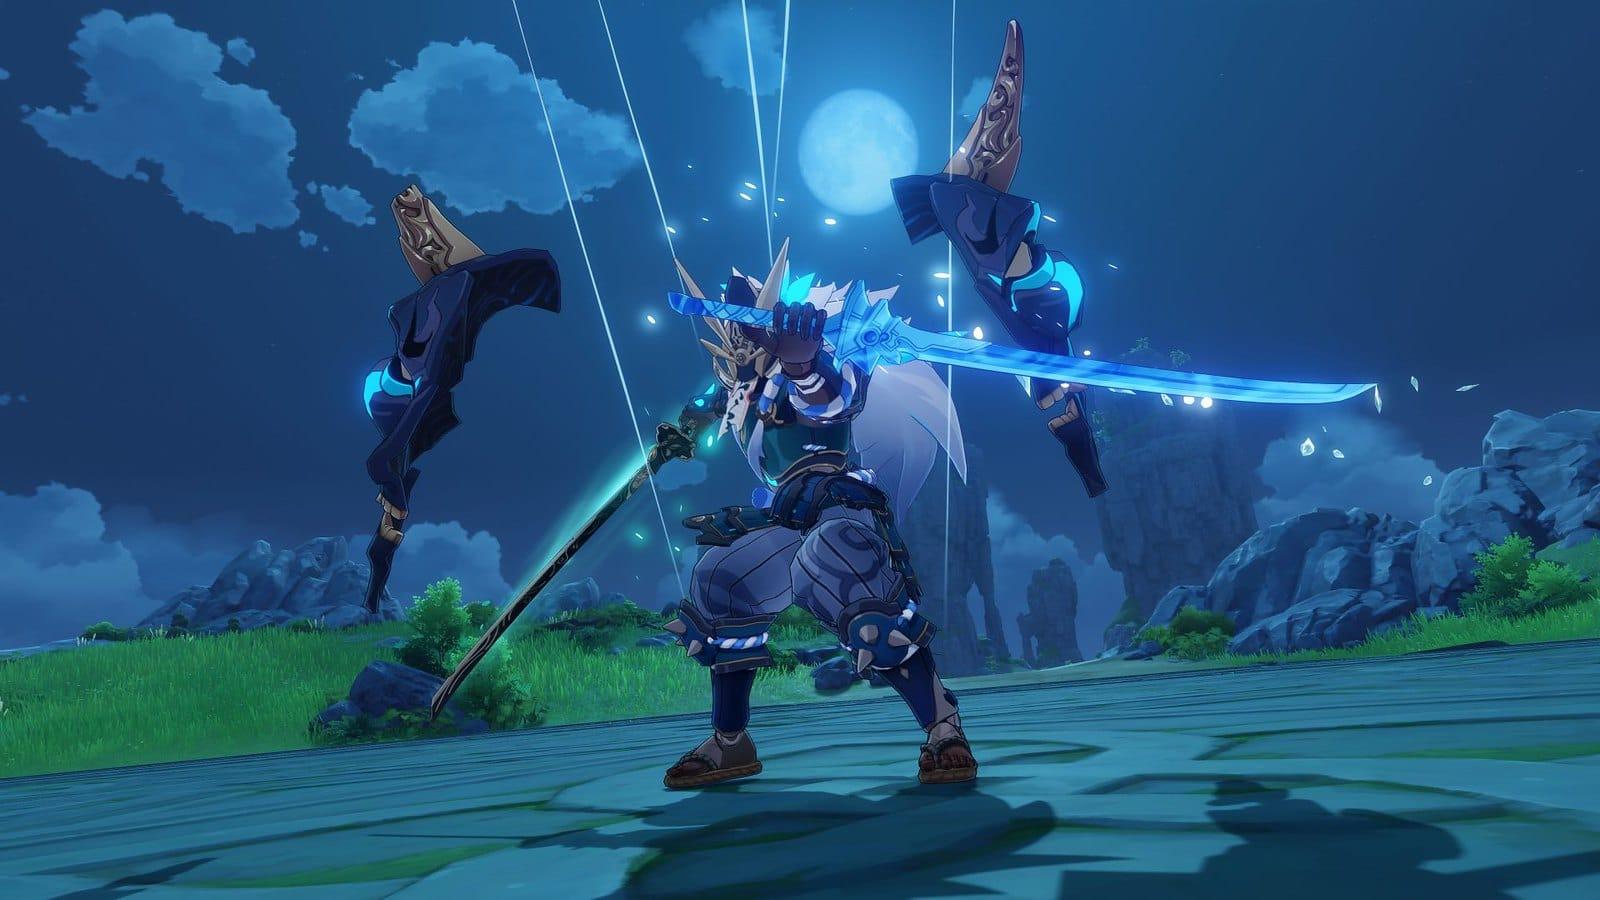 Imagem do update 1.6 de Genshin Impact com um novo inimigo empunhando duas espadas